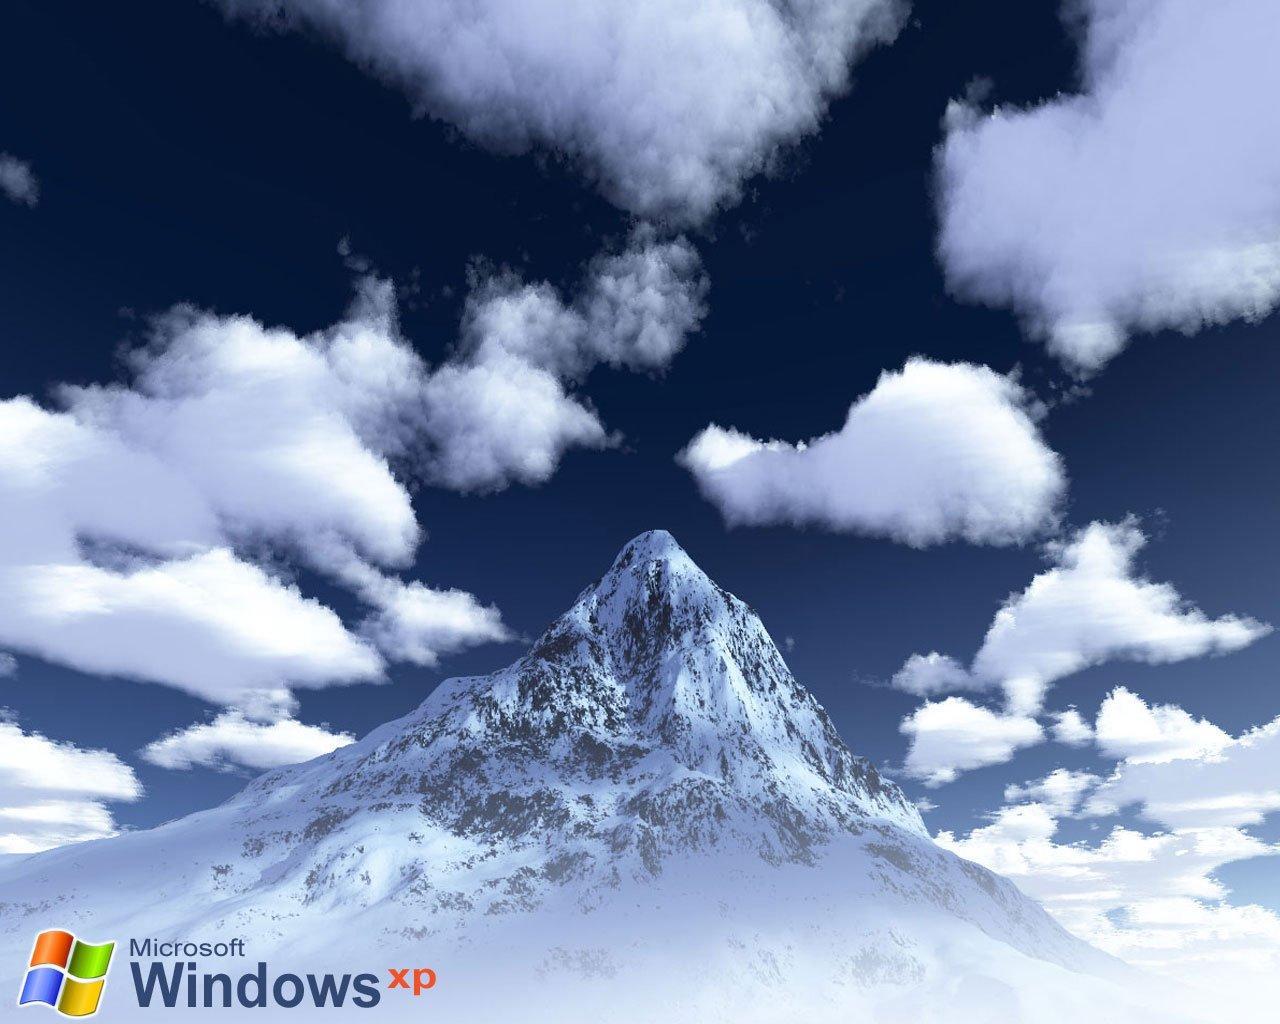 Wallpaper Theme Windows XP montagne